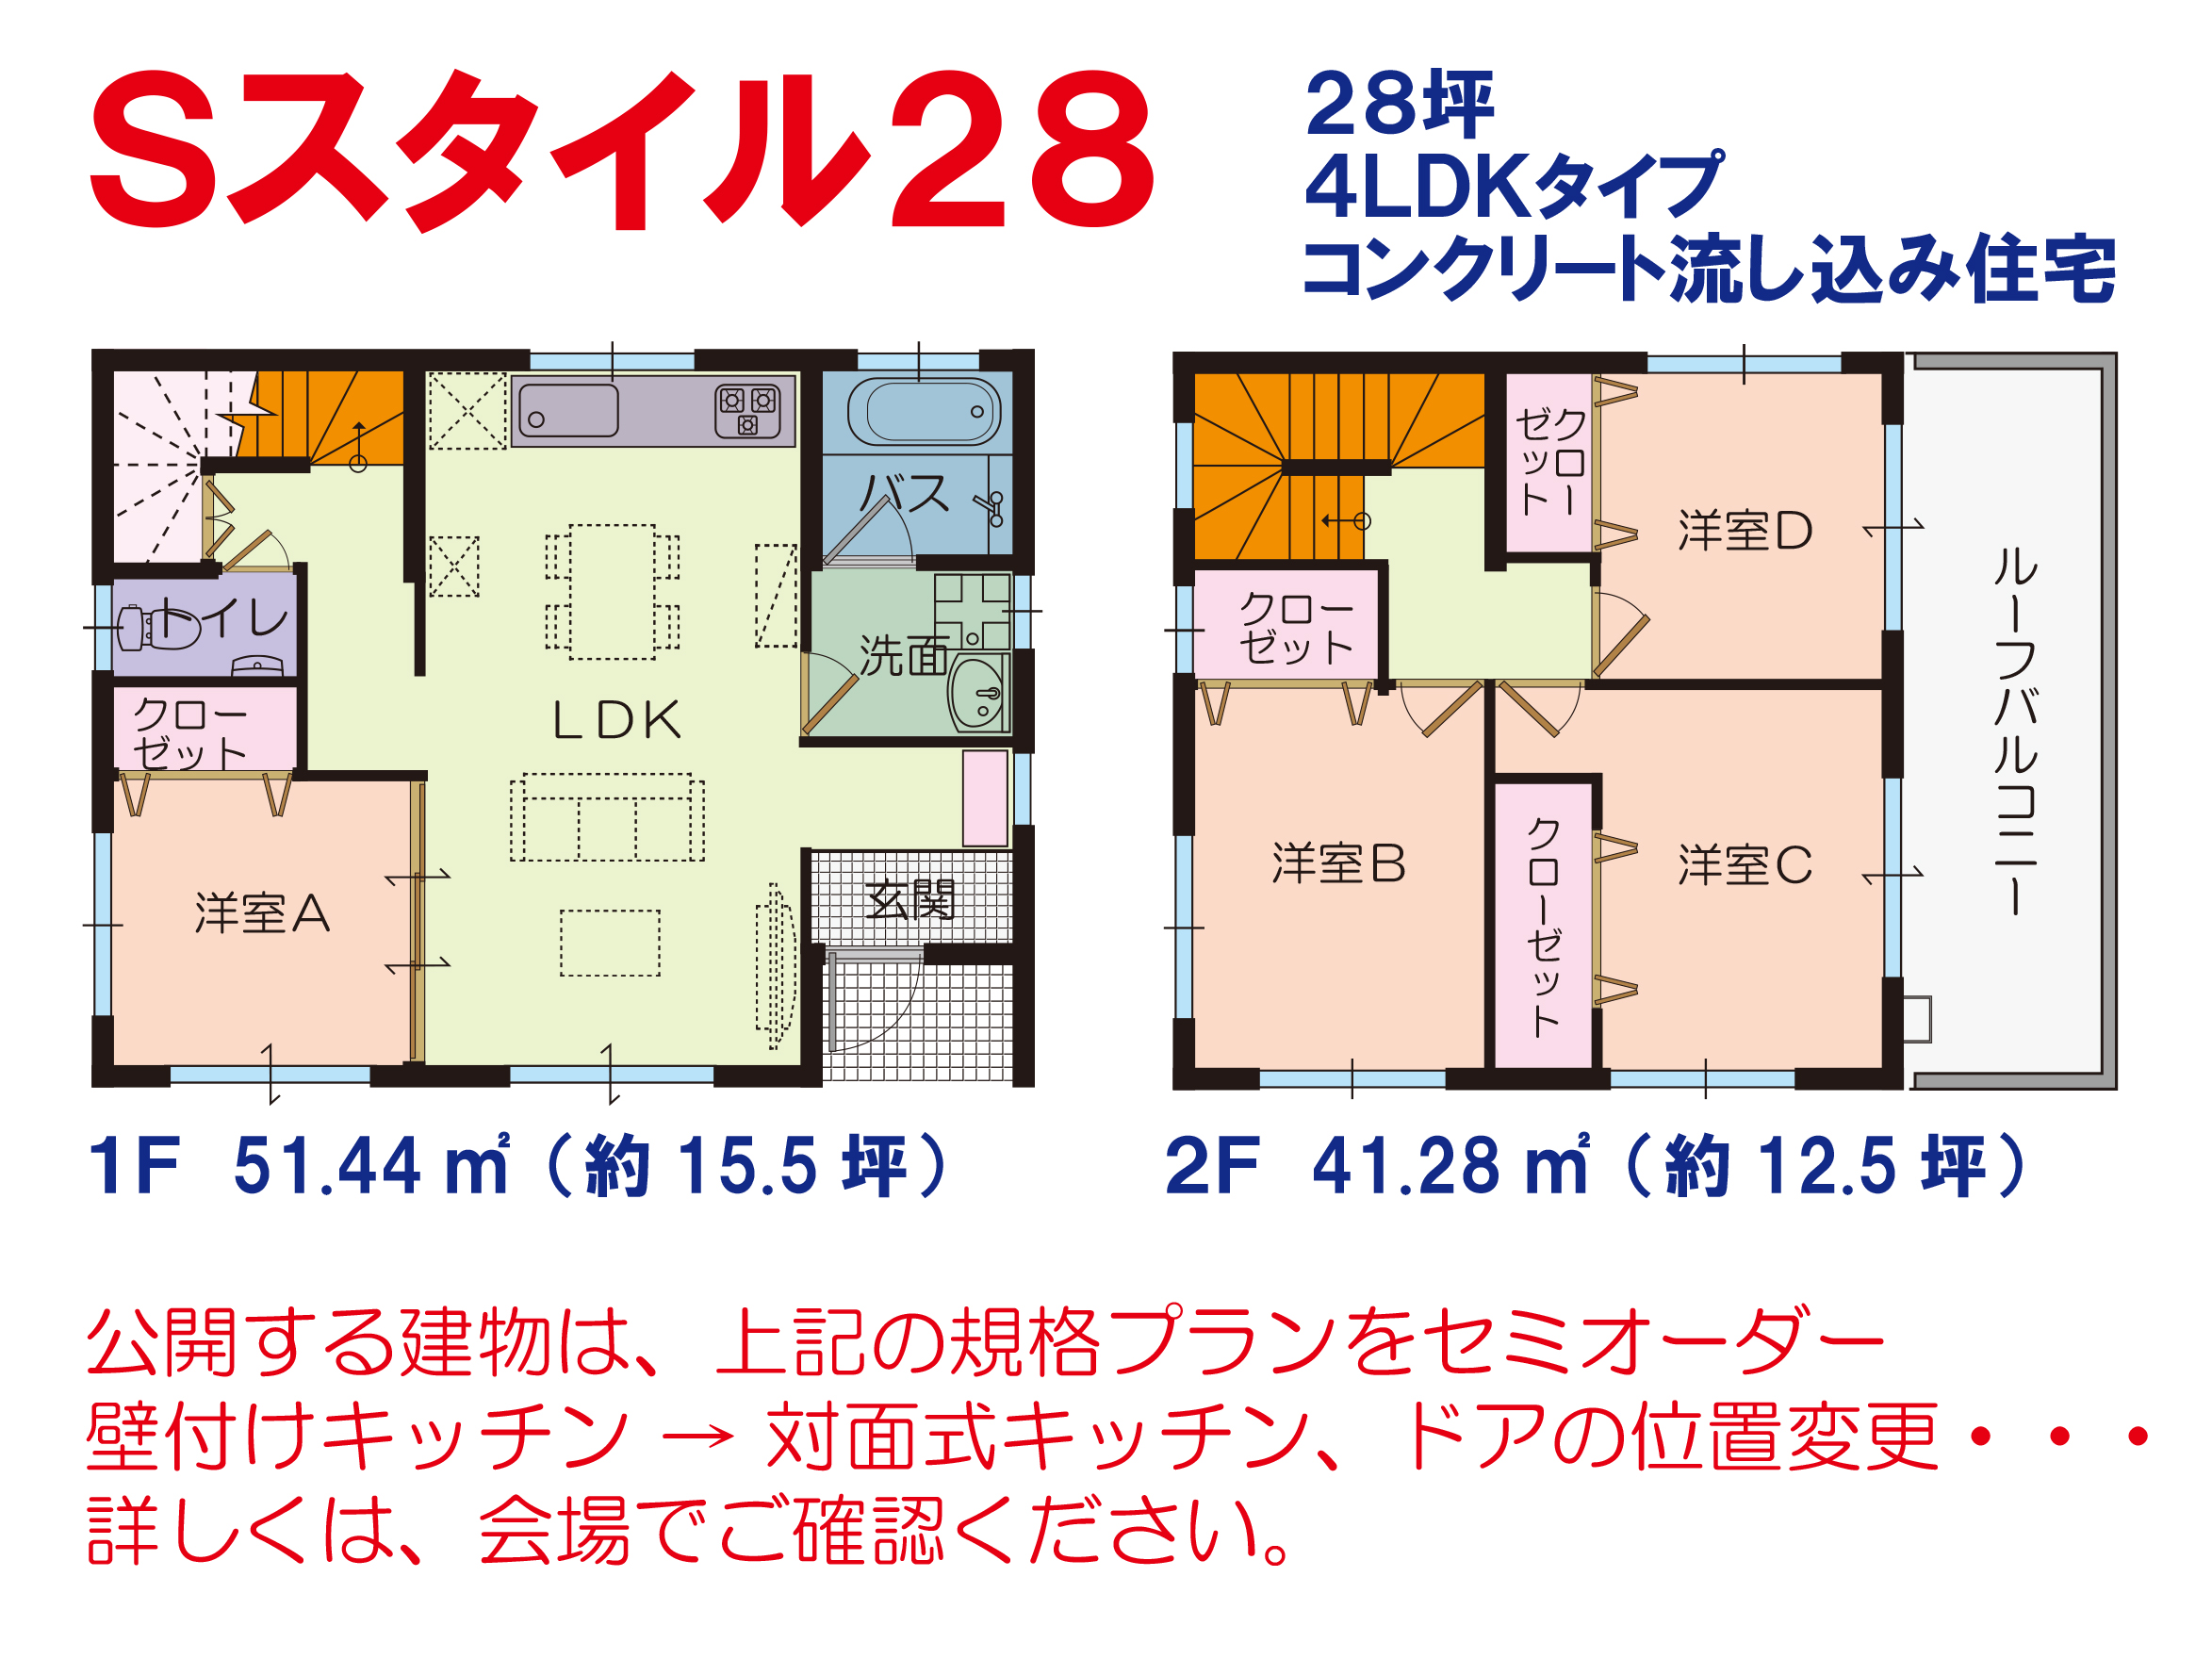 糸満市西崎 【セミオーダーコンクリート流し込み規格住宅】モデルハウス 0120-858-369